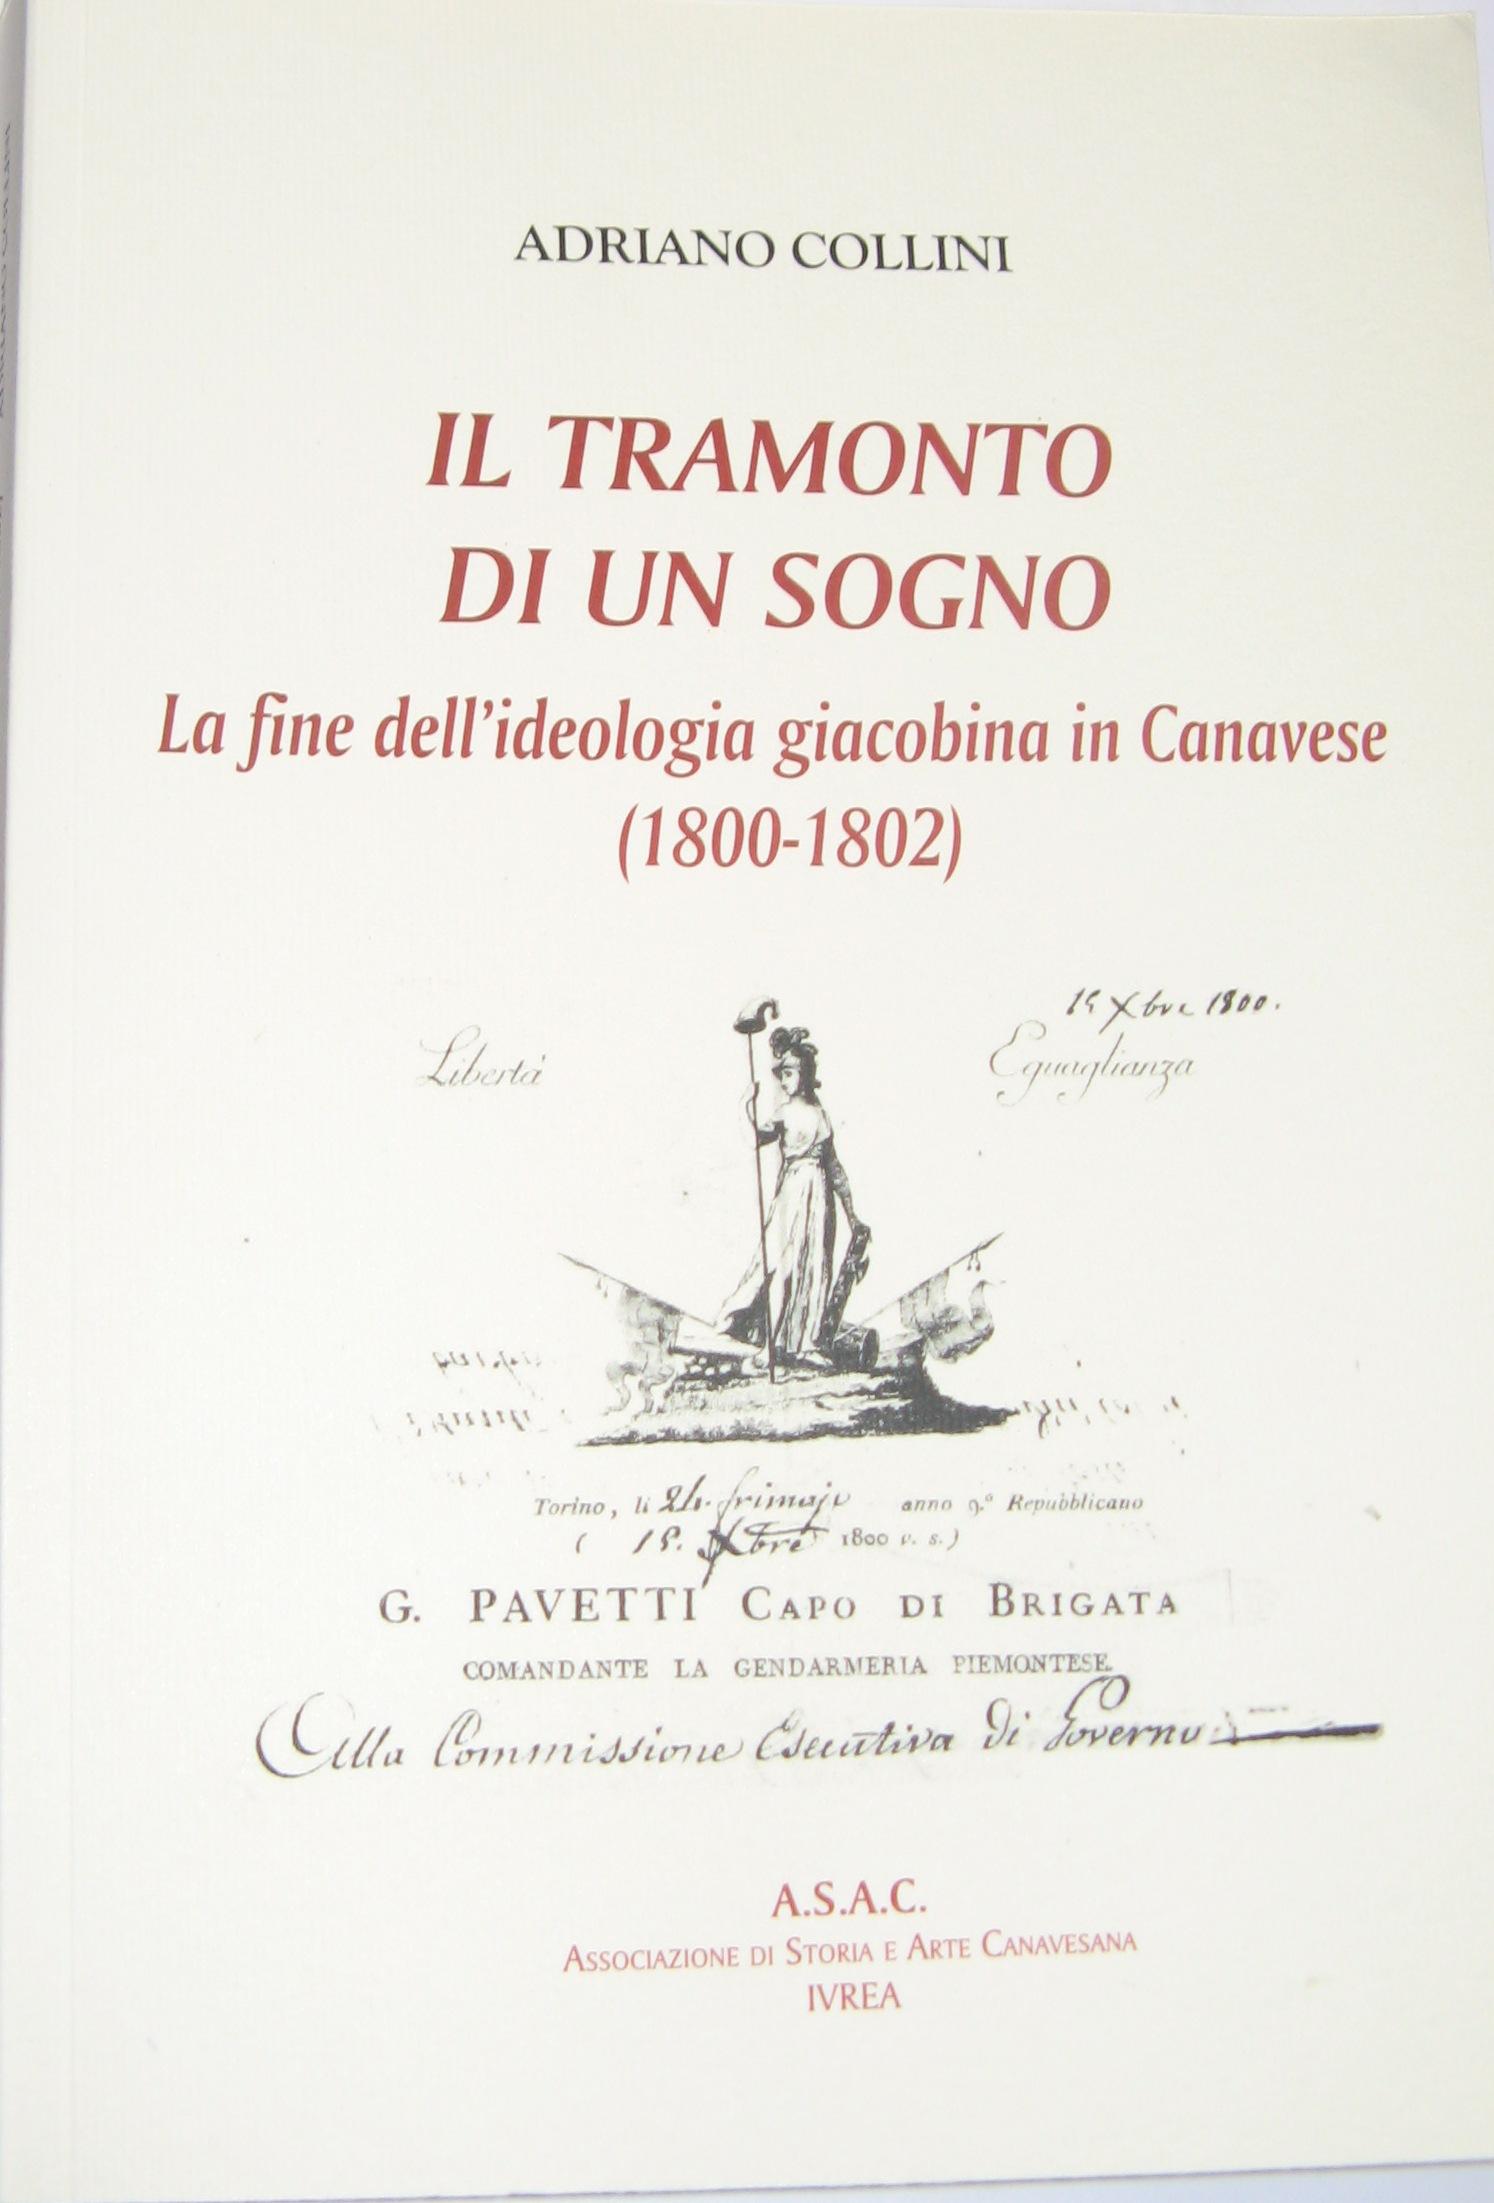 Il tramonto di un sogno. la fine dell'ideologia giacobina in Canavese (1800-1802) di Adriano Collini.